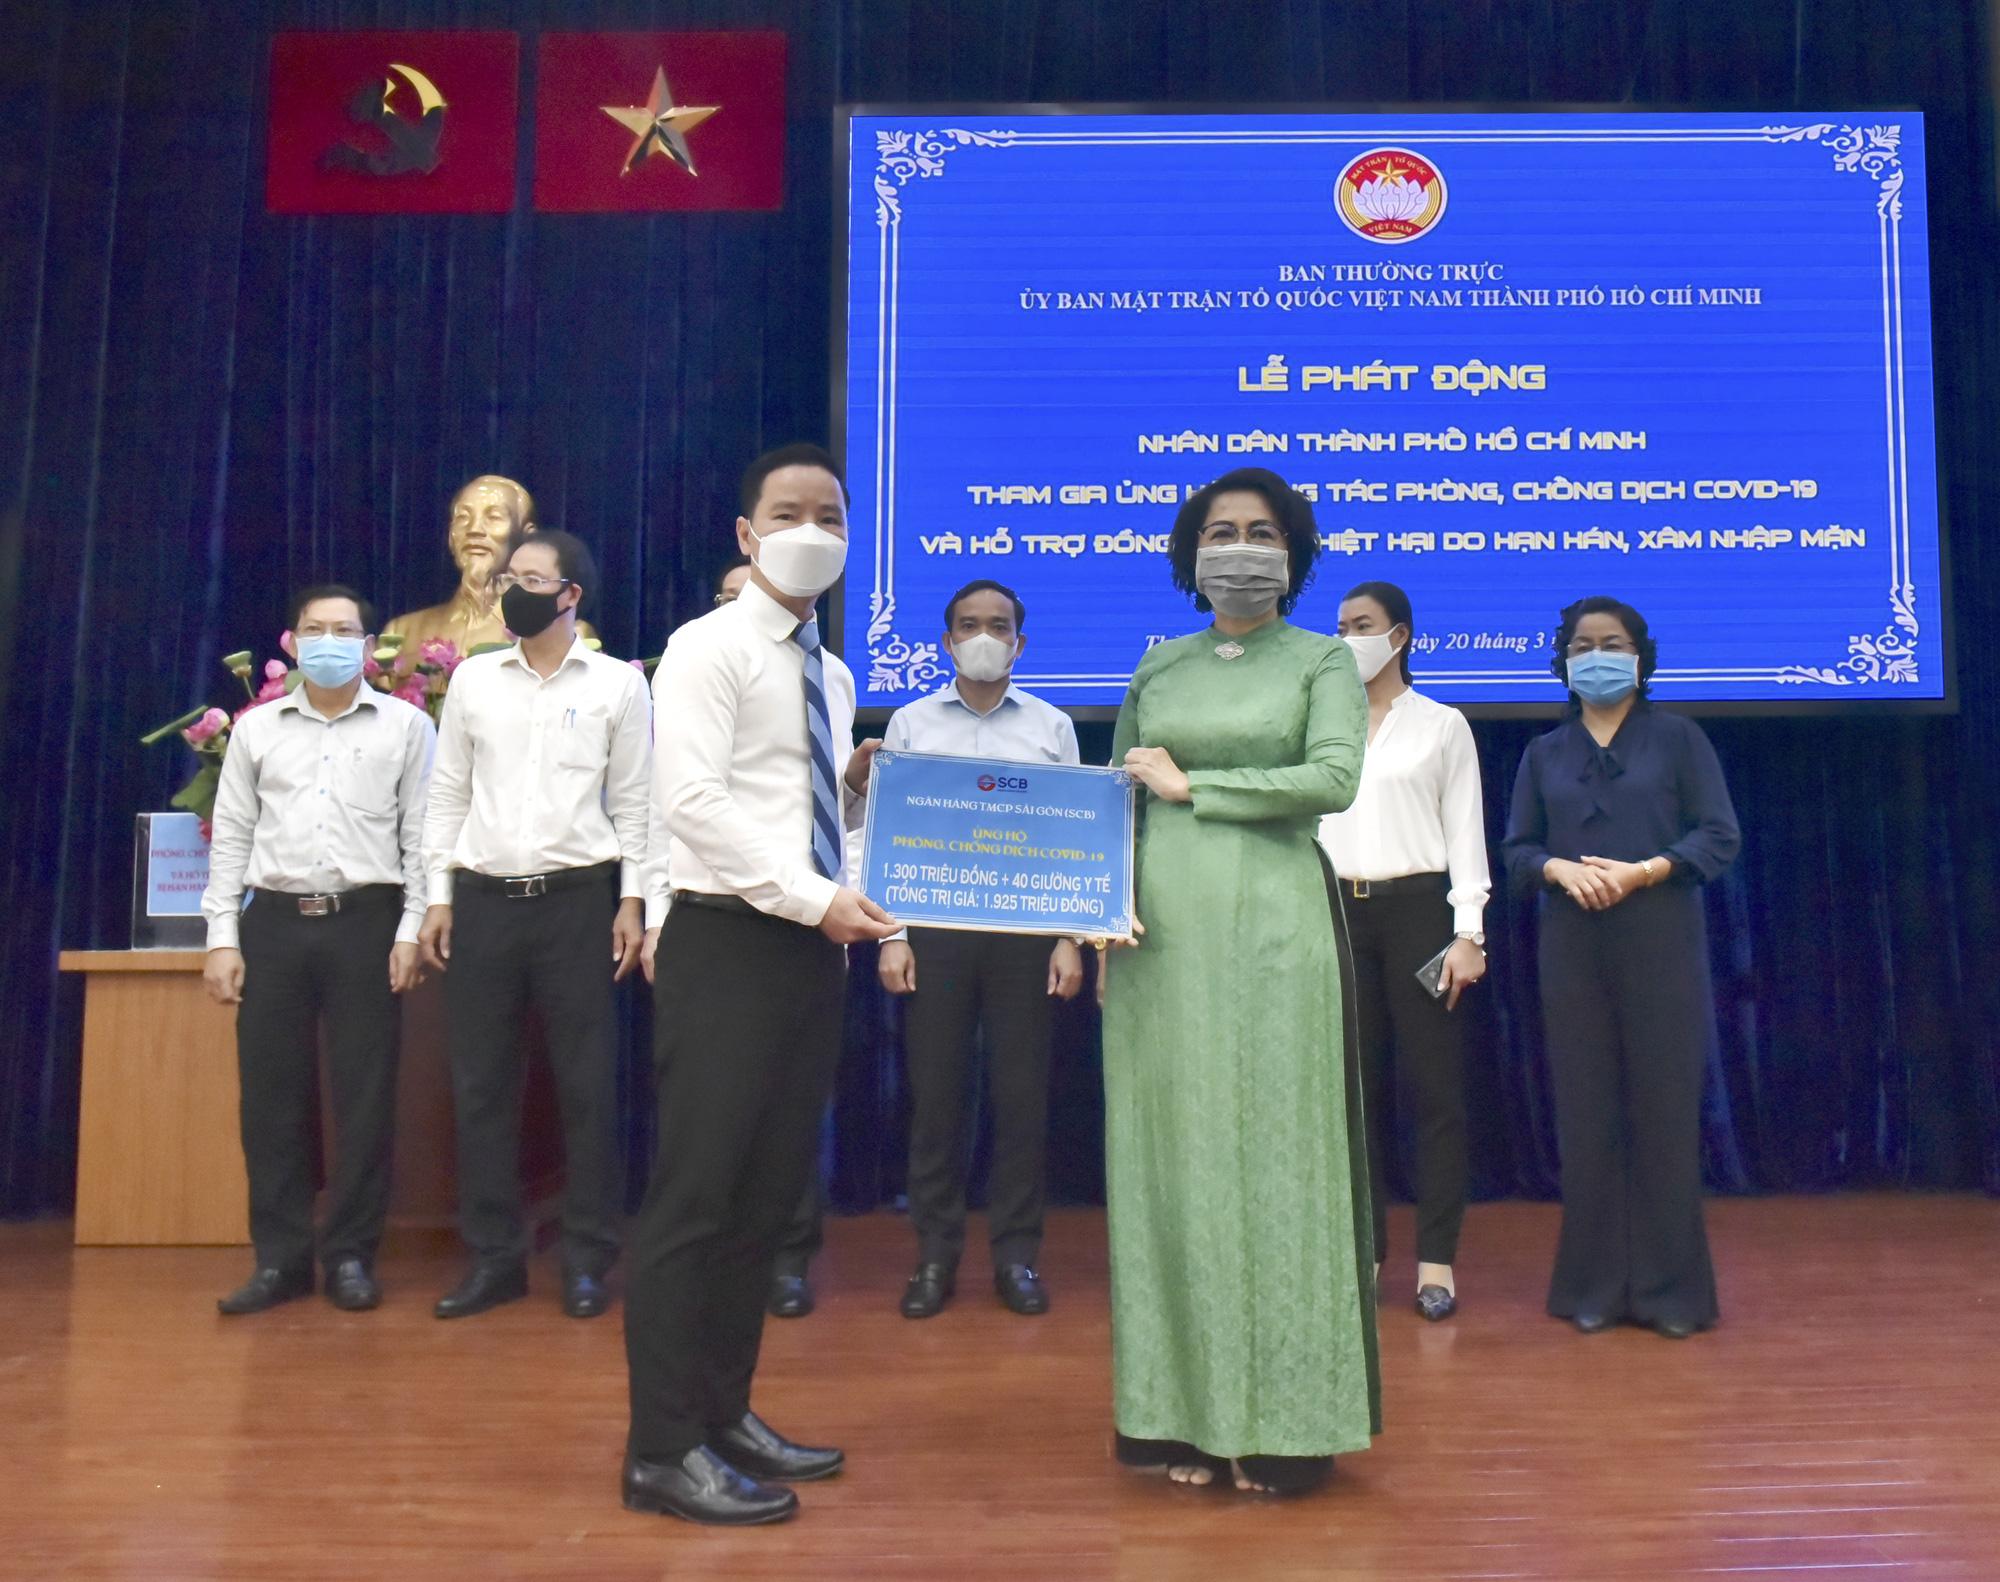 Nhân viên SCB tặng 100 giường y tế và 1,3 tỉ đồng chống dịch COVID-19 - Ảnh 2.